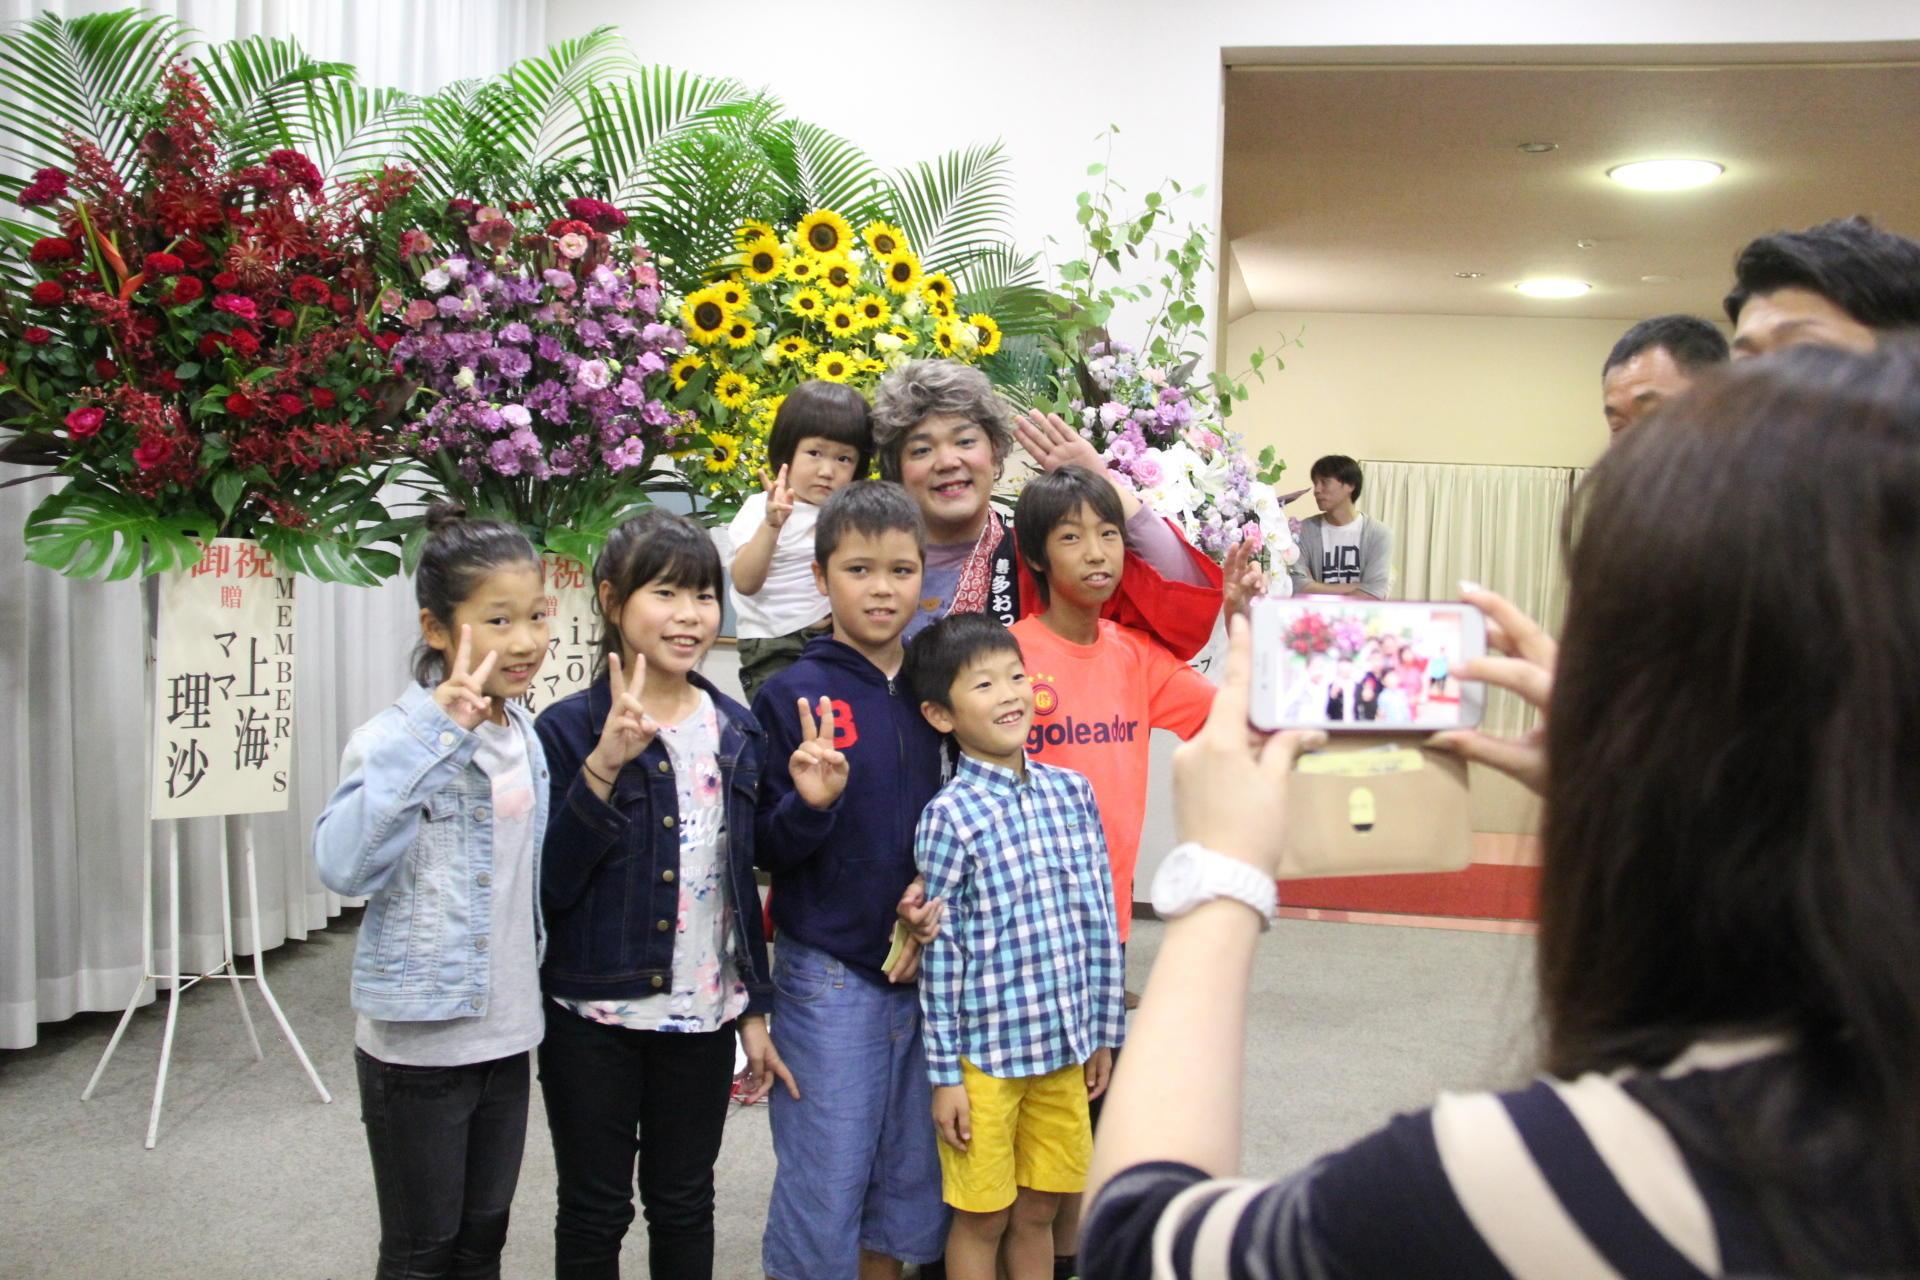 http://news.yoshimoto.co.jp/20180911111302-a7f78d9bb127424e0a2b111e73ed6e8be6bdfdd2.jpg